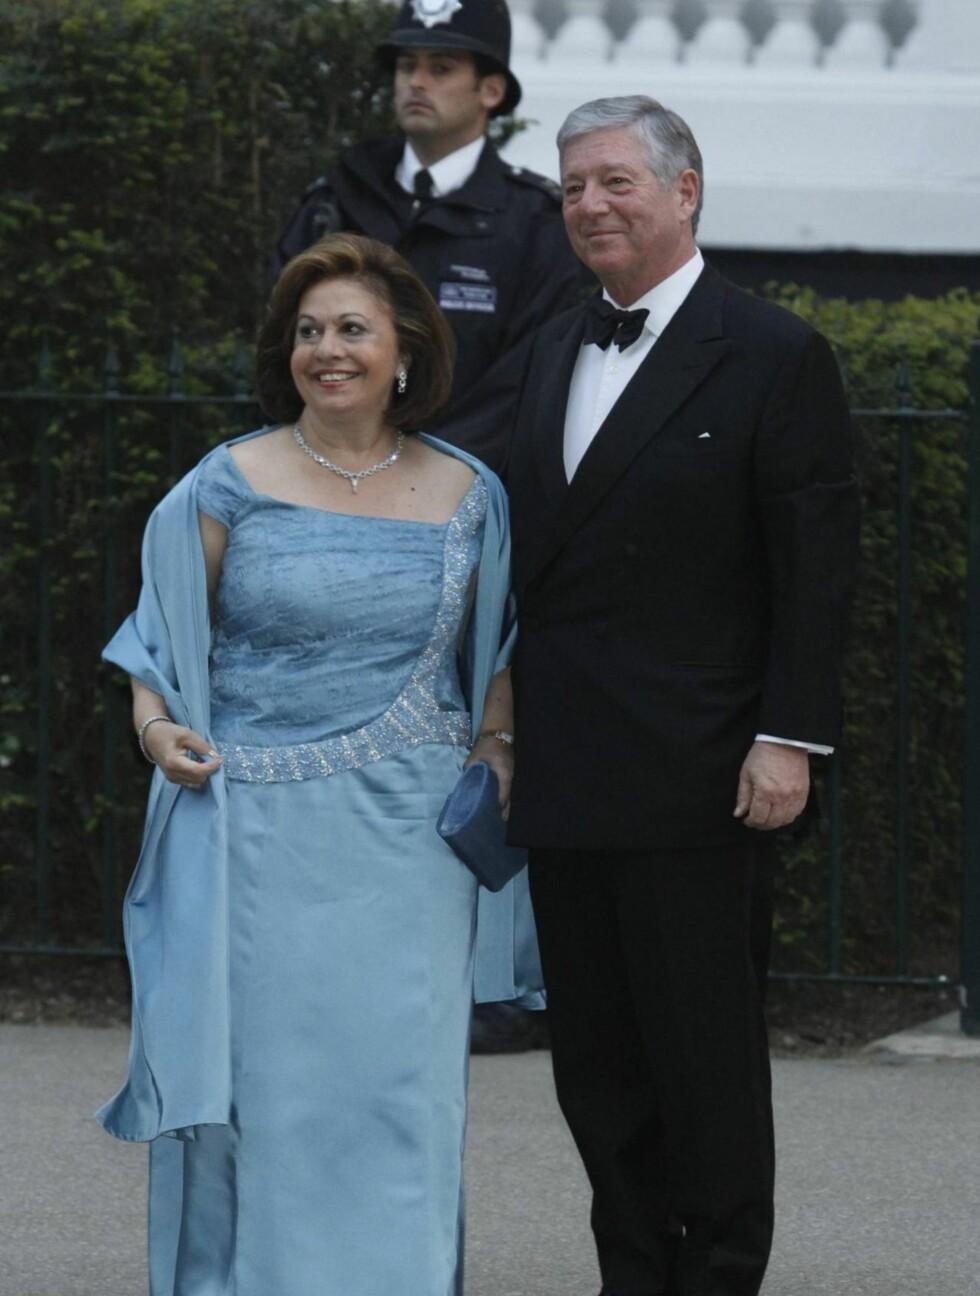 PÅ FEST: Prinsesse Katarina av Serbia med ektemannen. Foto: Stella Pictures